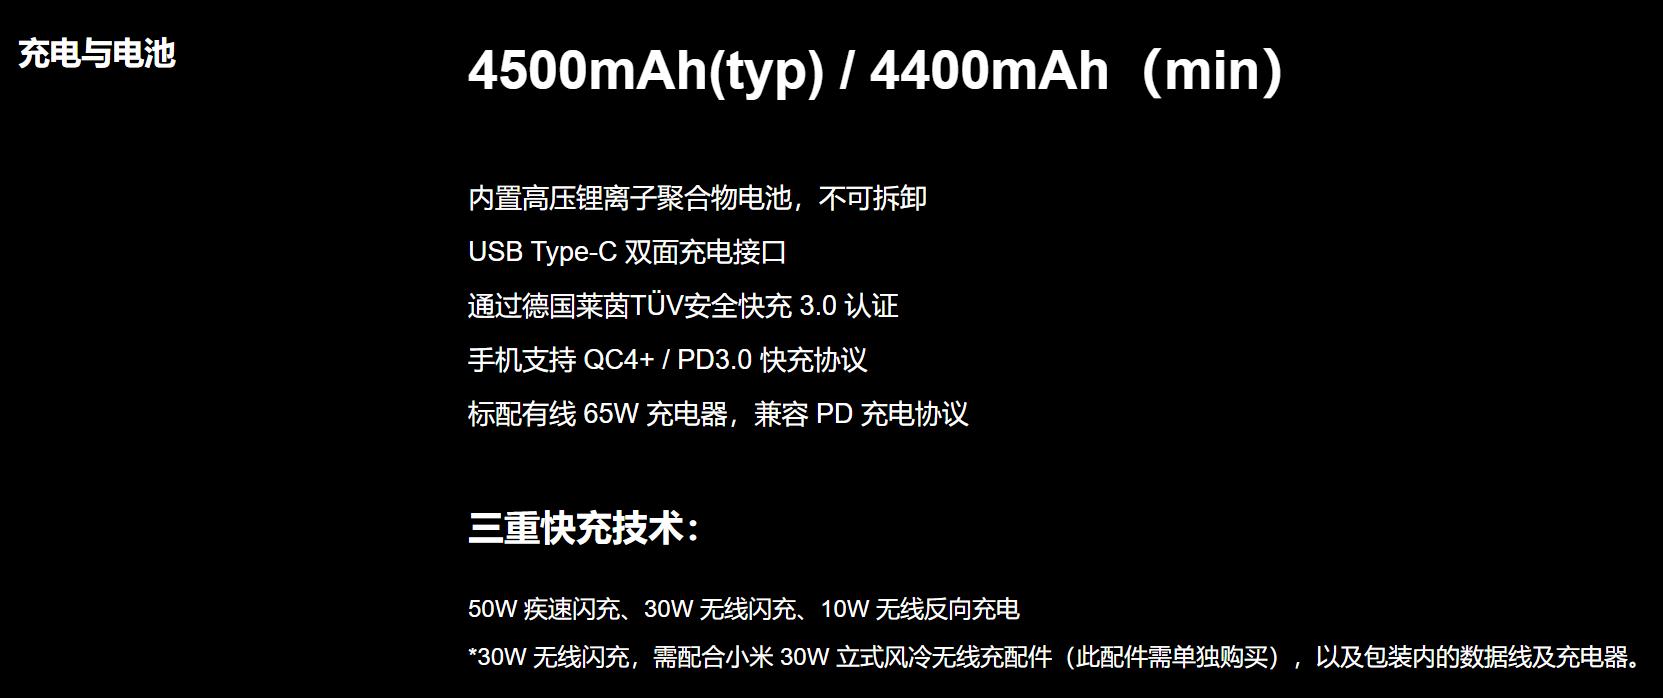 华为P40系列正式发布!普通版中规中矩,亮点全在Pro版本上